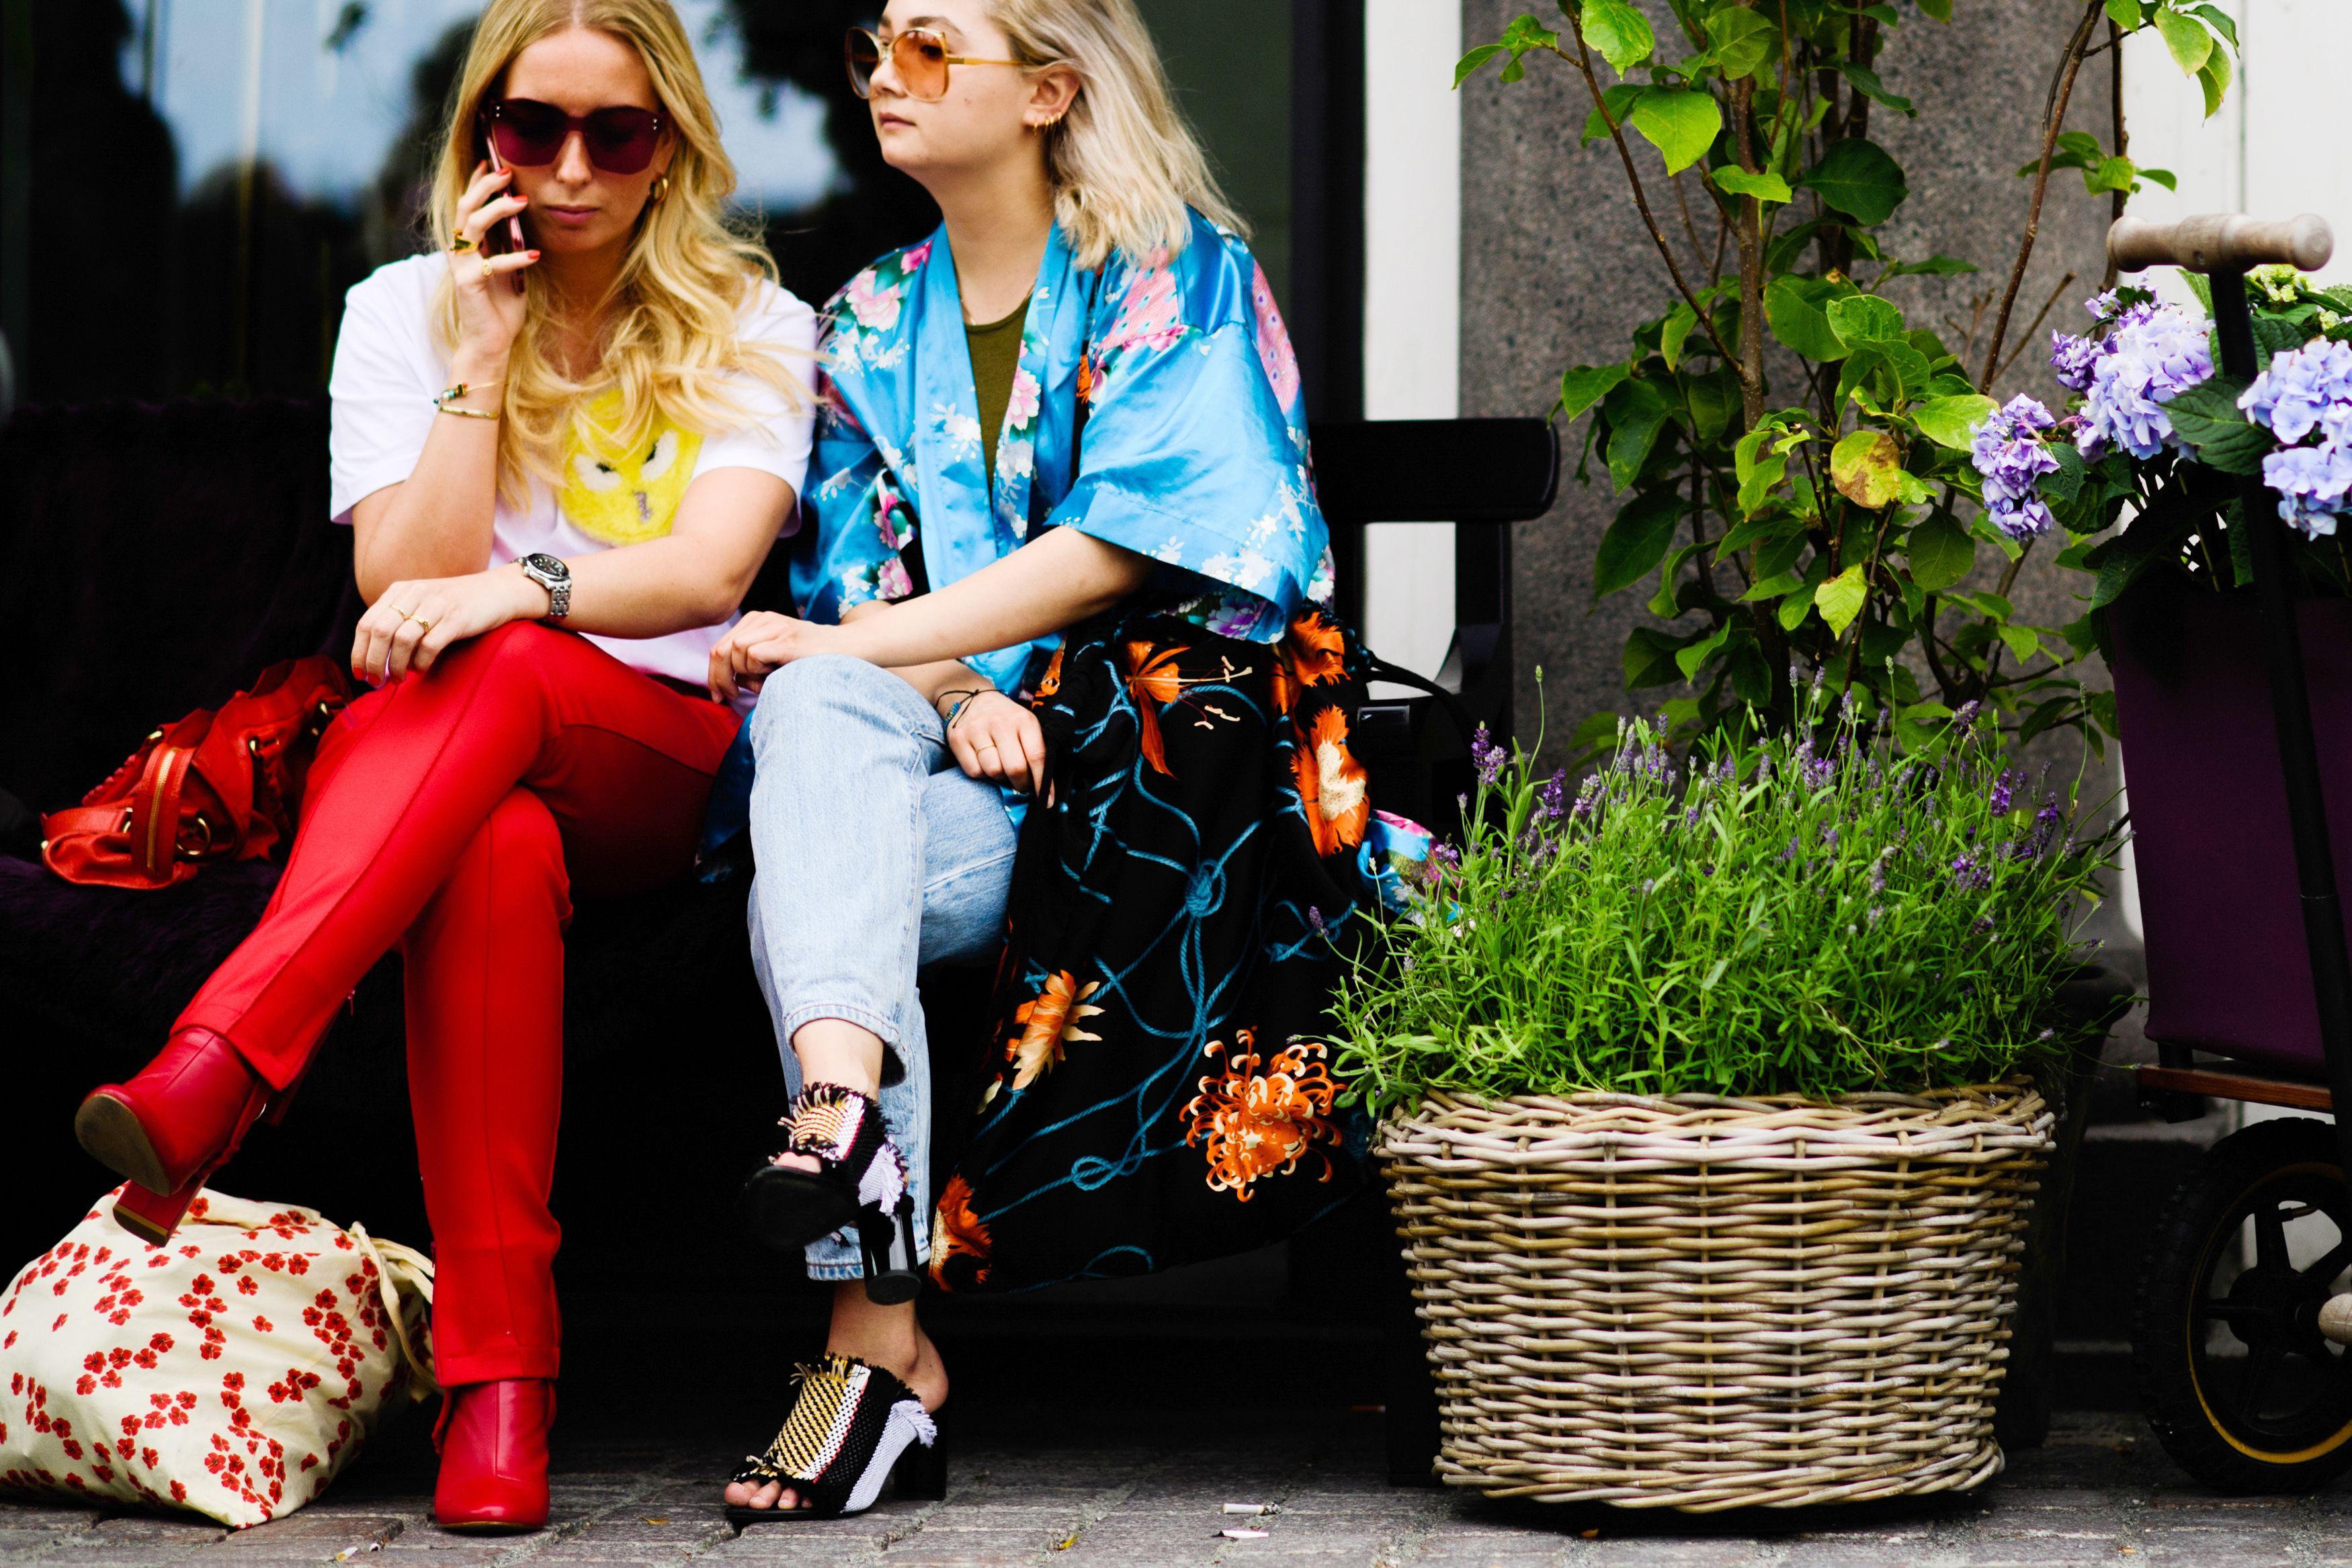 THE COPENHAGEN WAY: SPRING 2018 STREET STYLE | Instagram Fashion Online